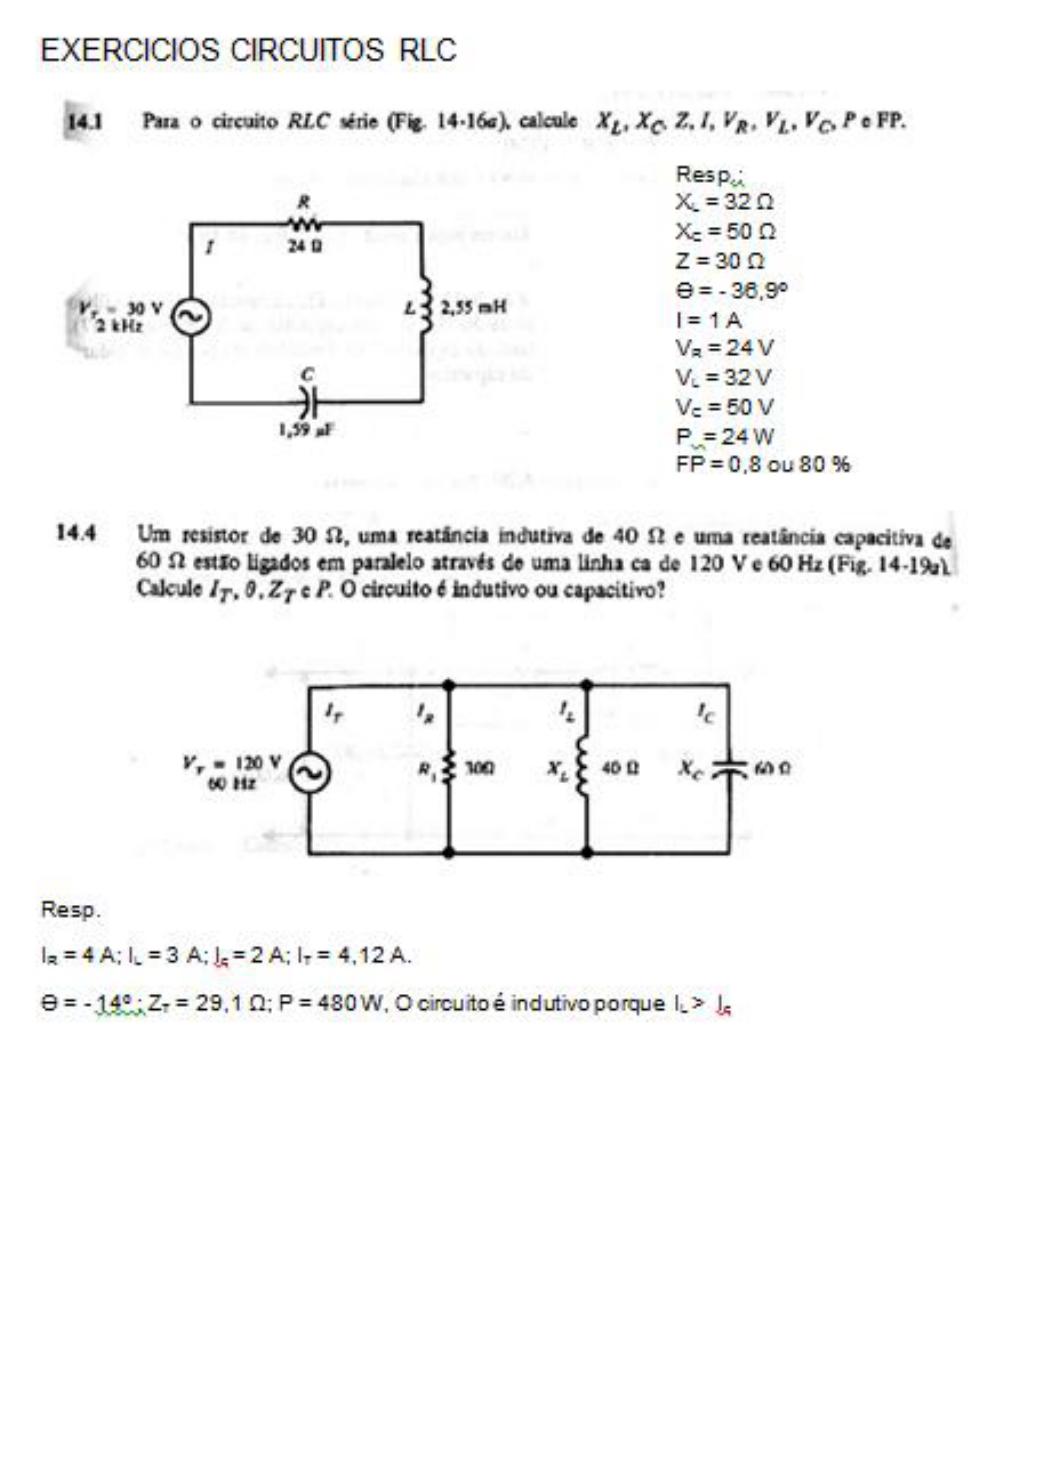 Exercicios circuitos rlc eletrotcnica e instalaes eltric pr visualizao2 pginas ccuart Gallery